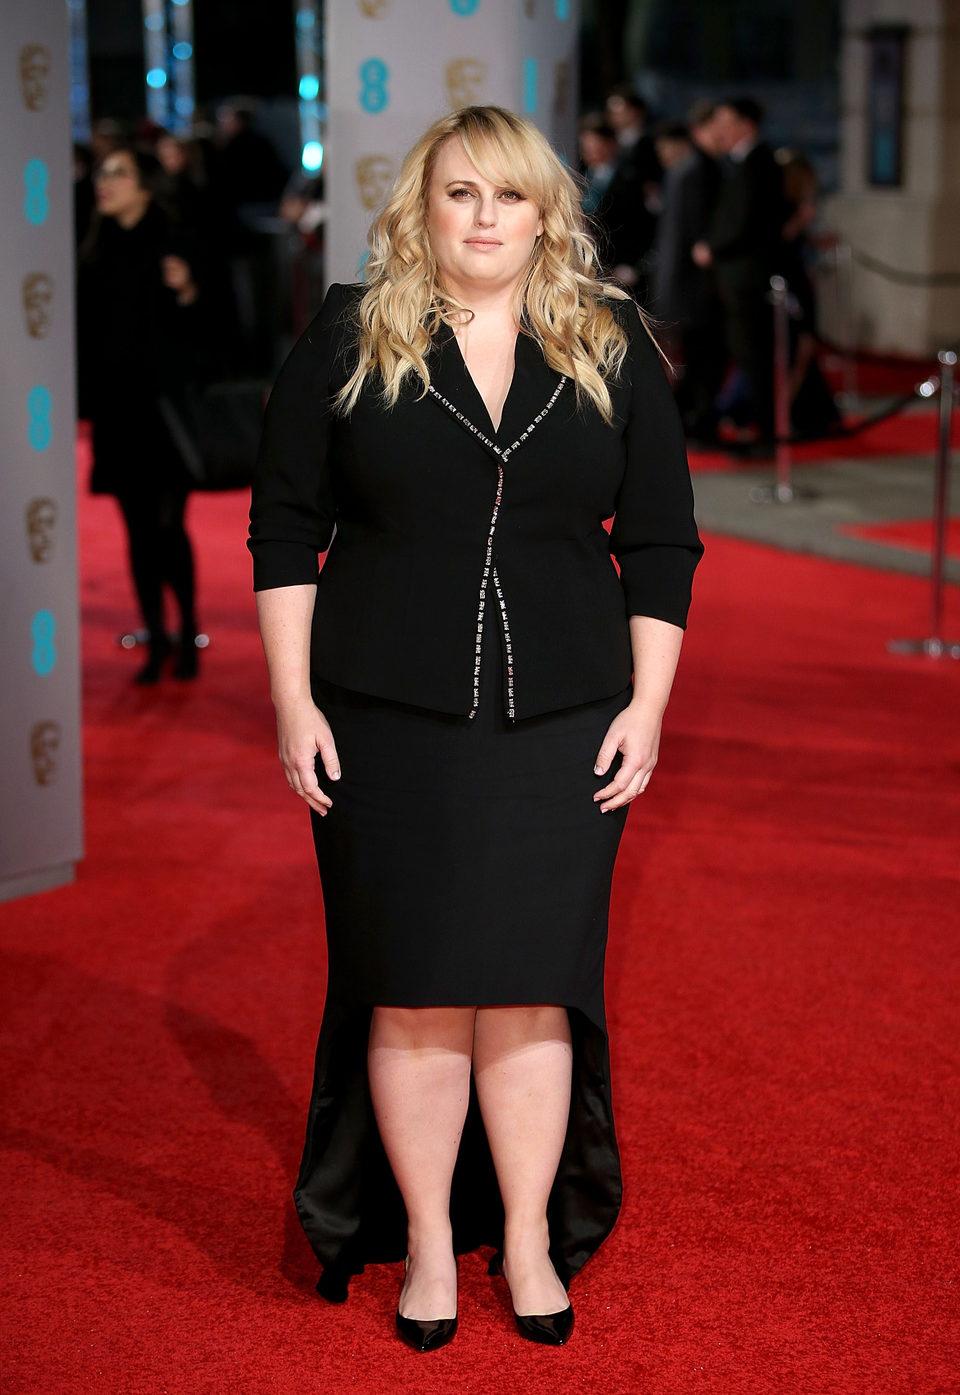 Rebel Wilson en la alfombra roja de los BAFTA Awards 2016